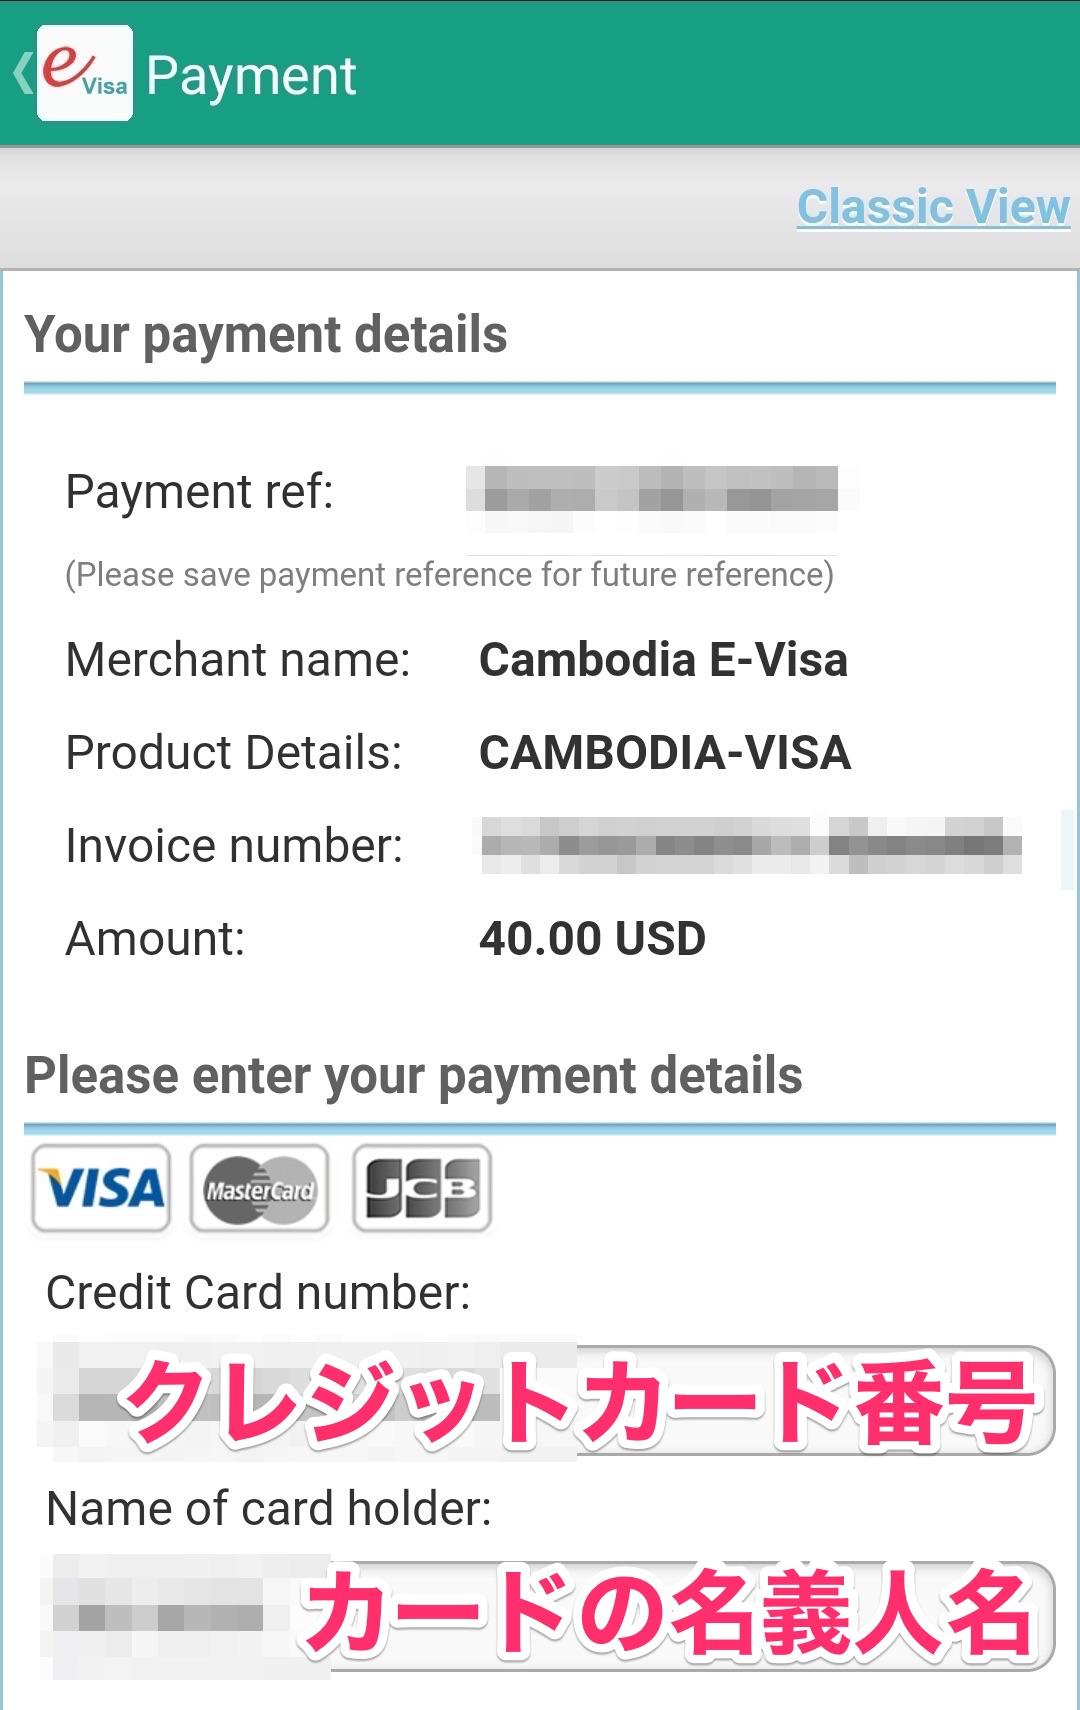 クレジットカード情報入力画面前半